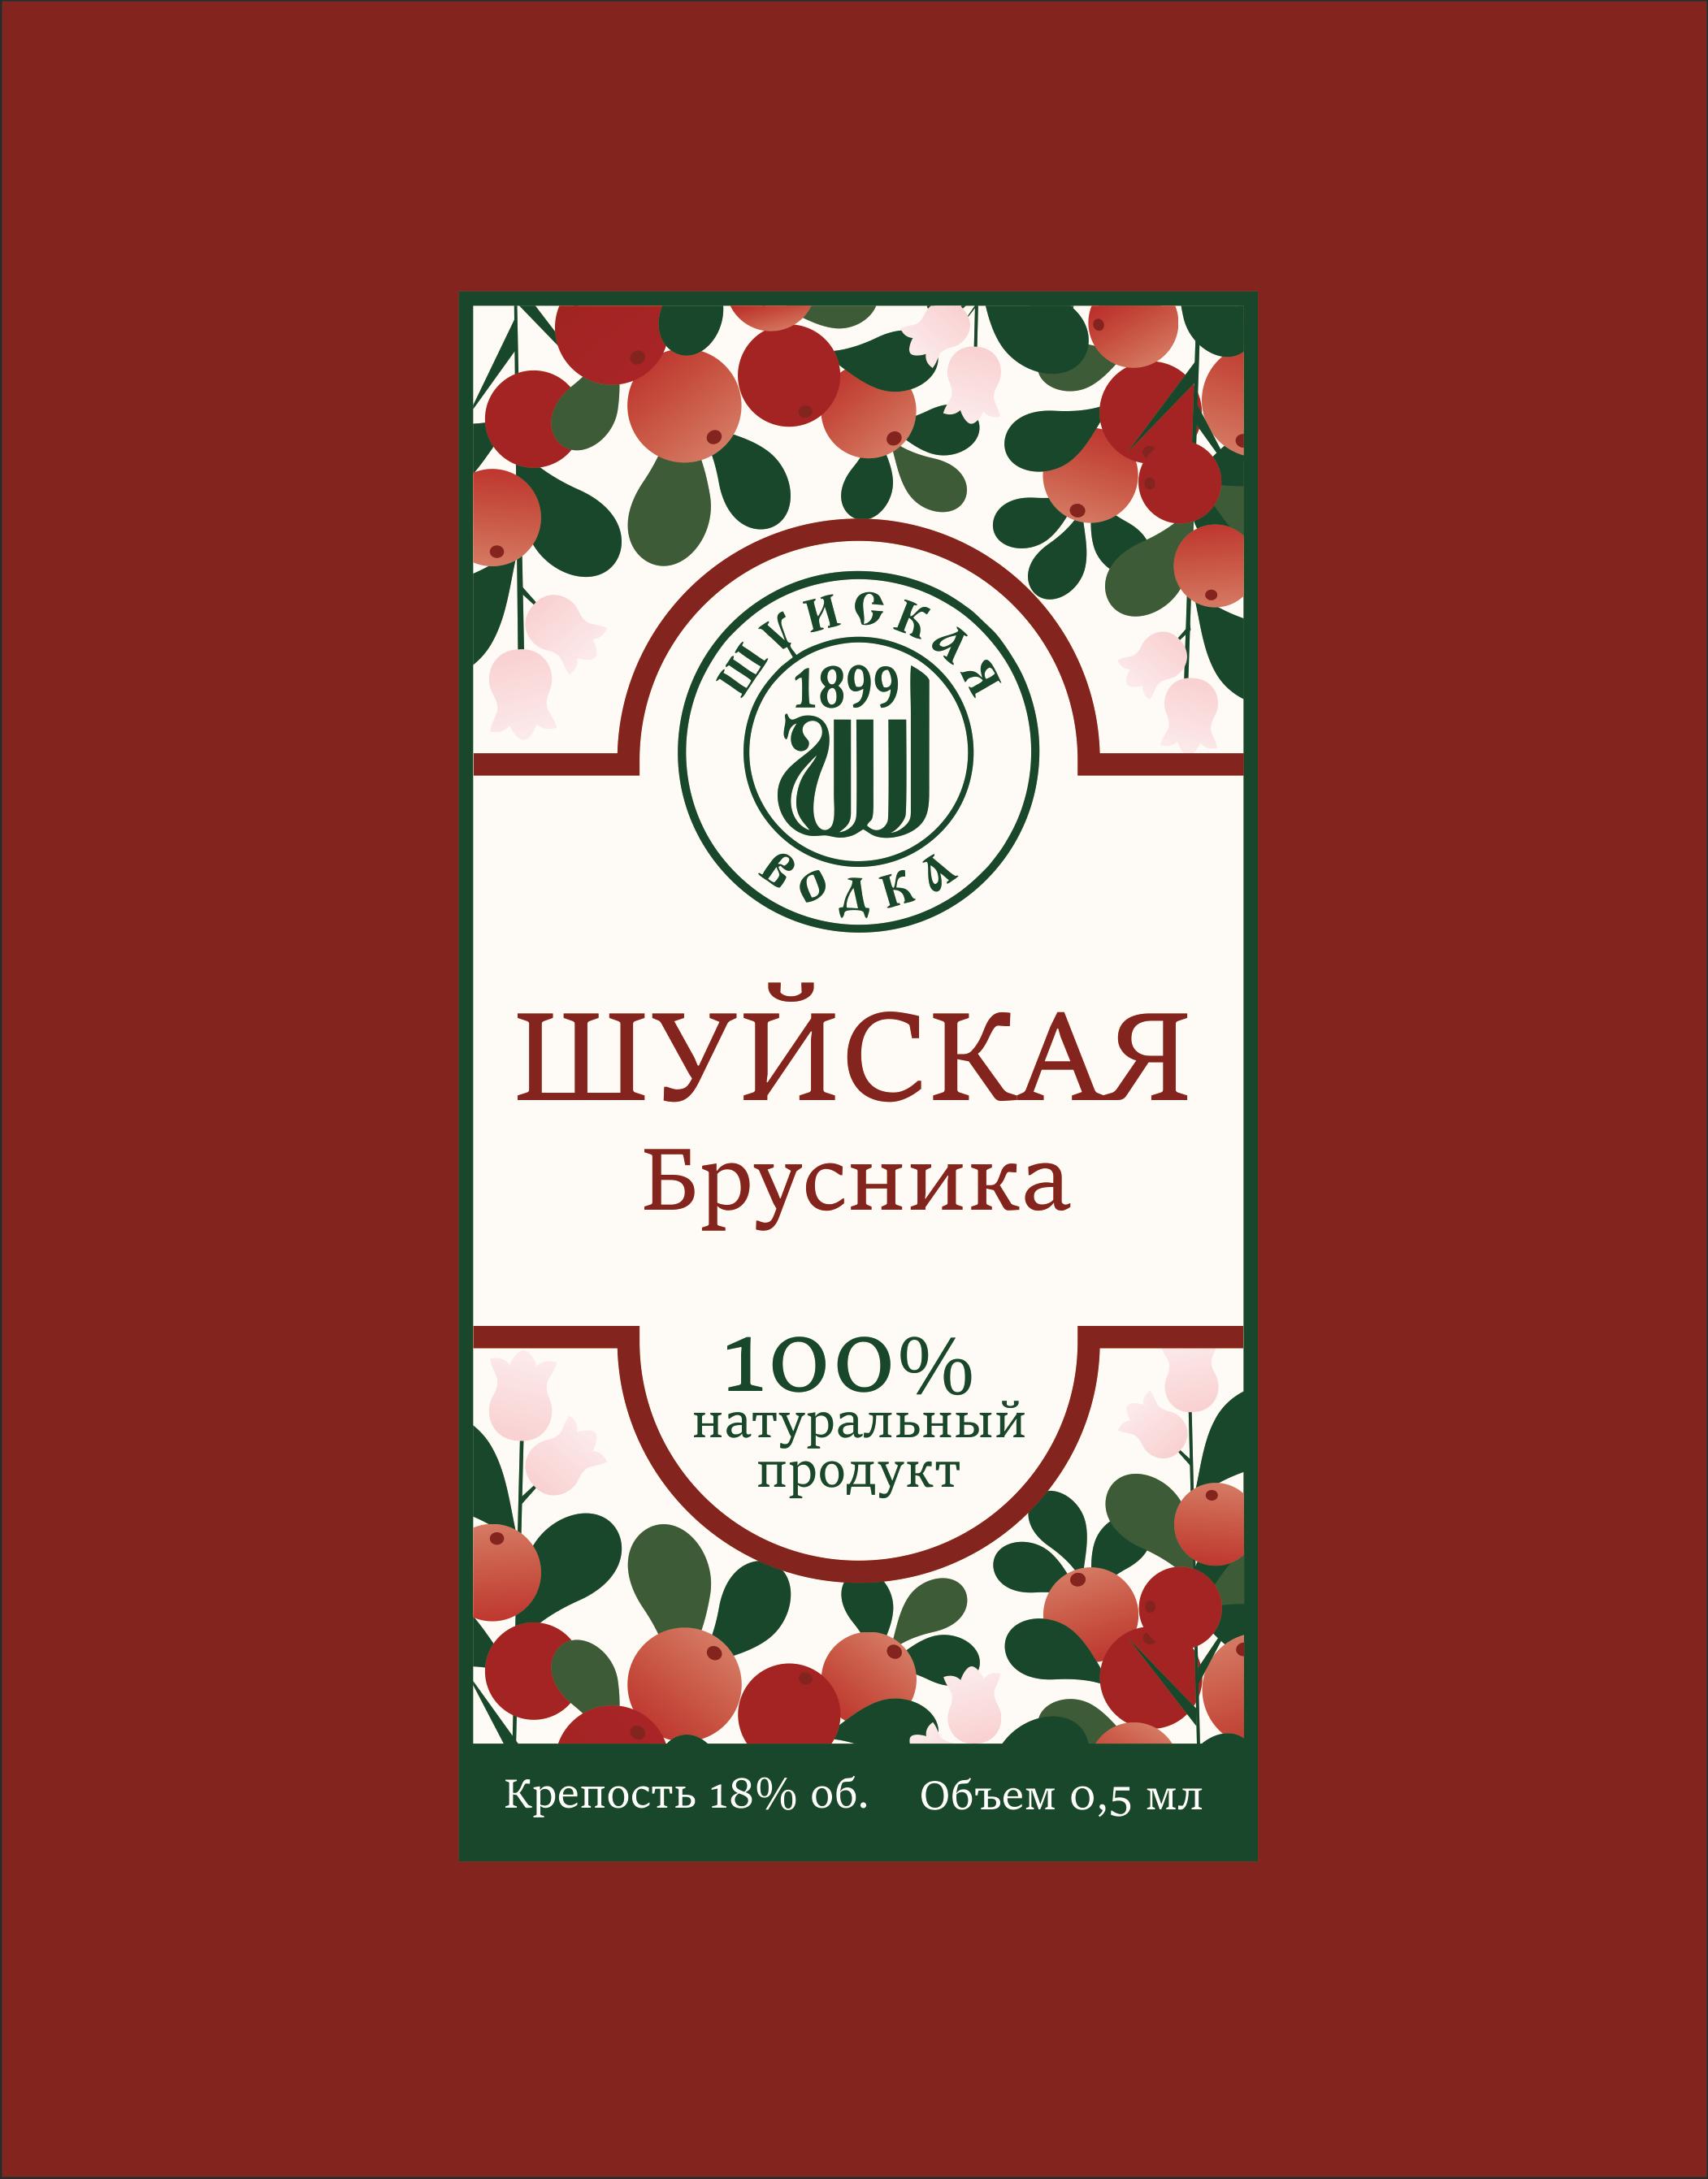 Дизайн этикетки алкогольного продукта (сладкая настойка) фото f_1215f908749cb419.png